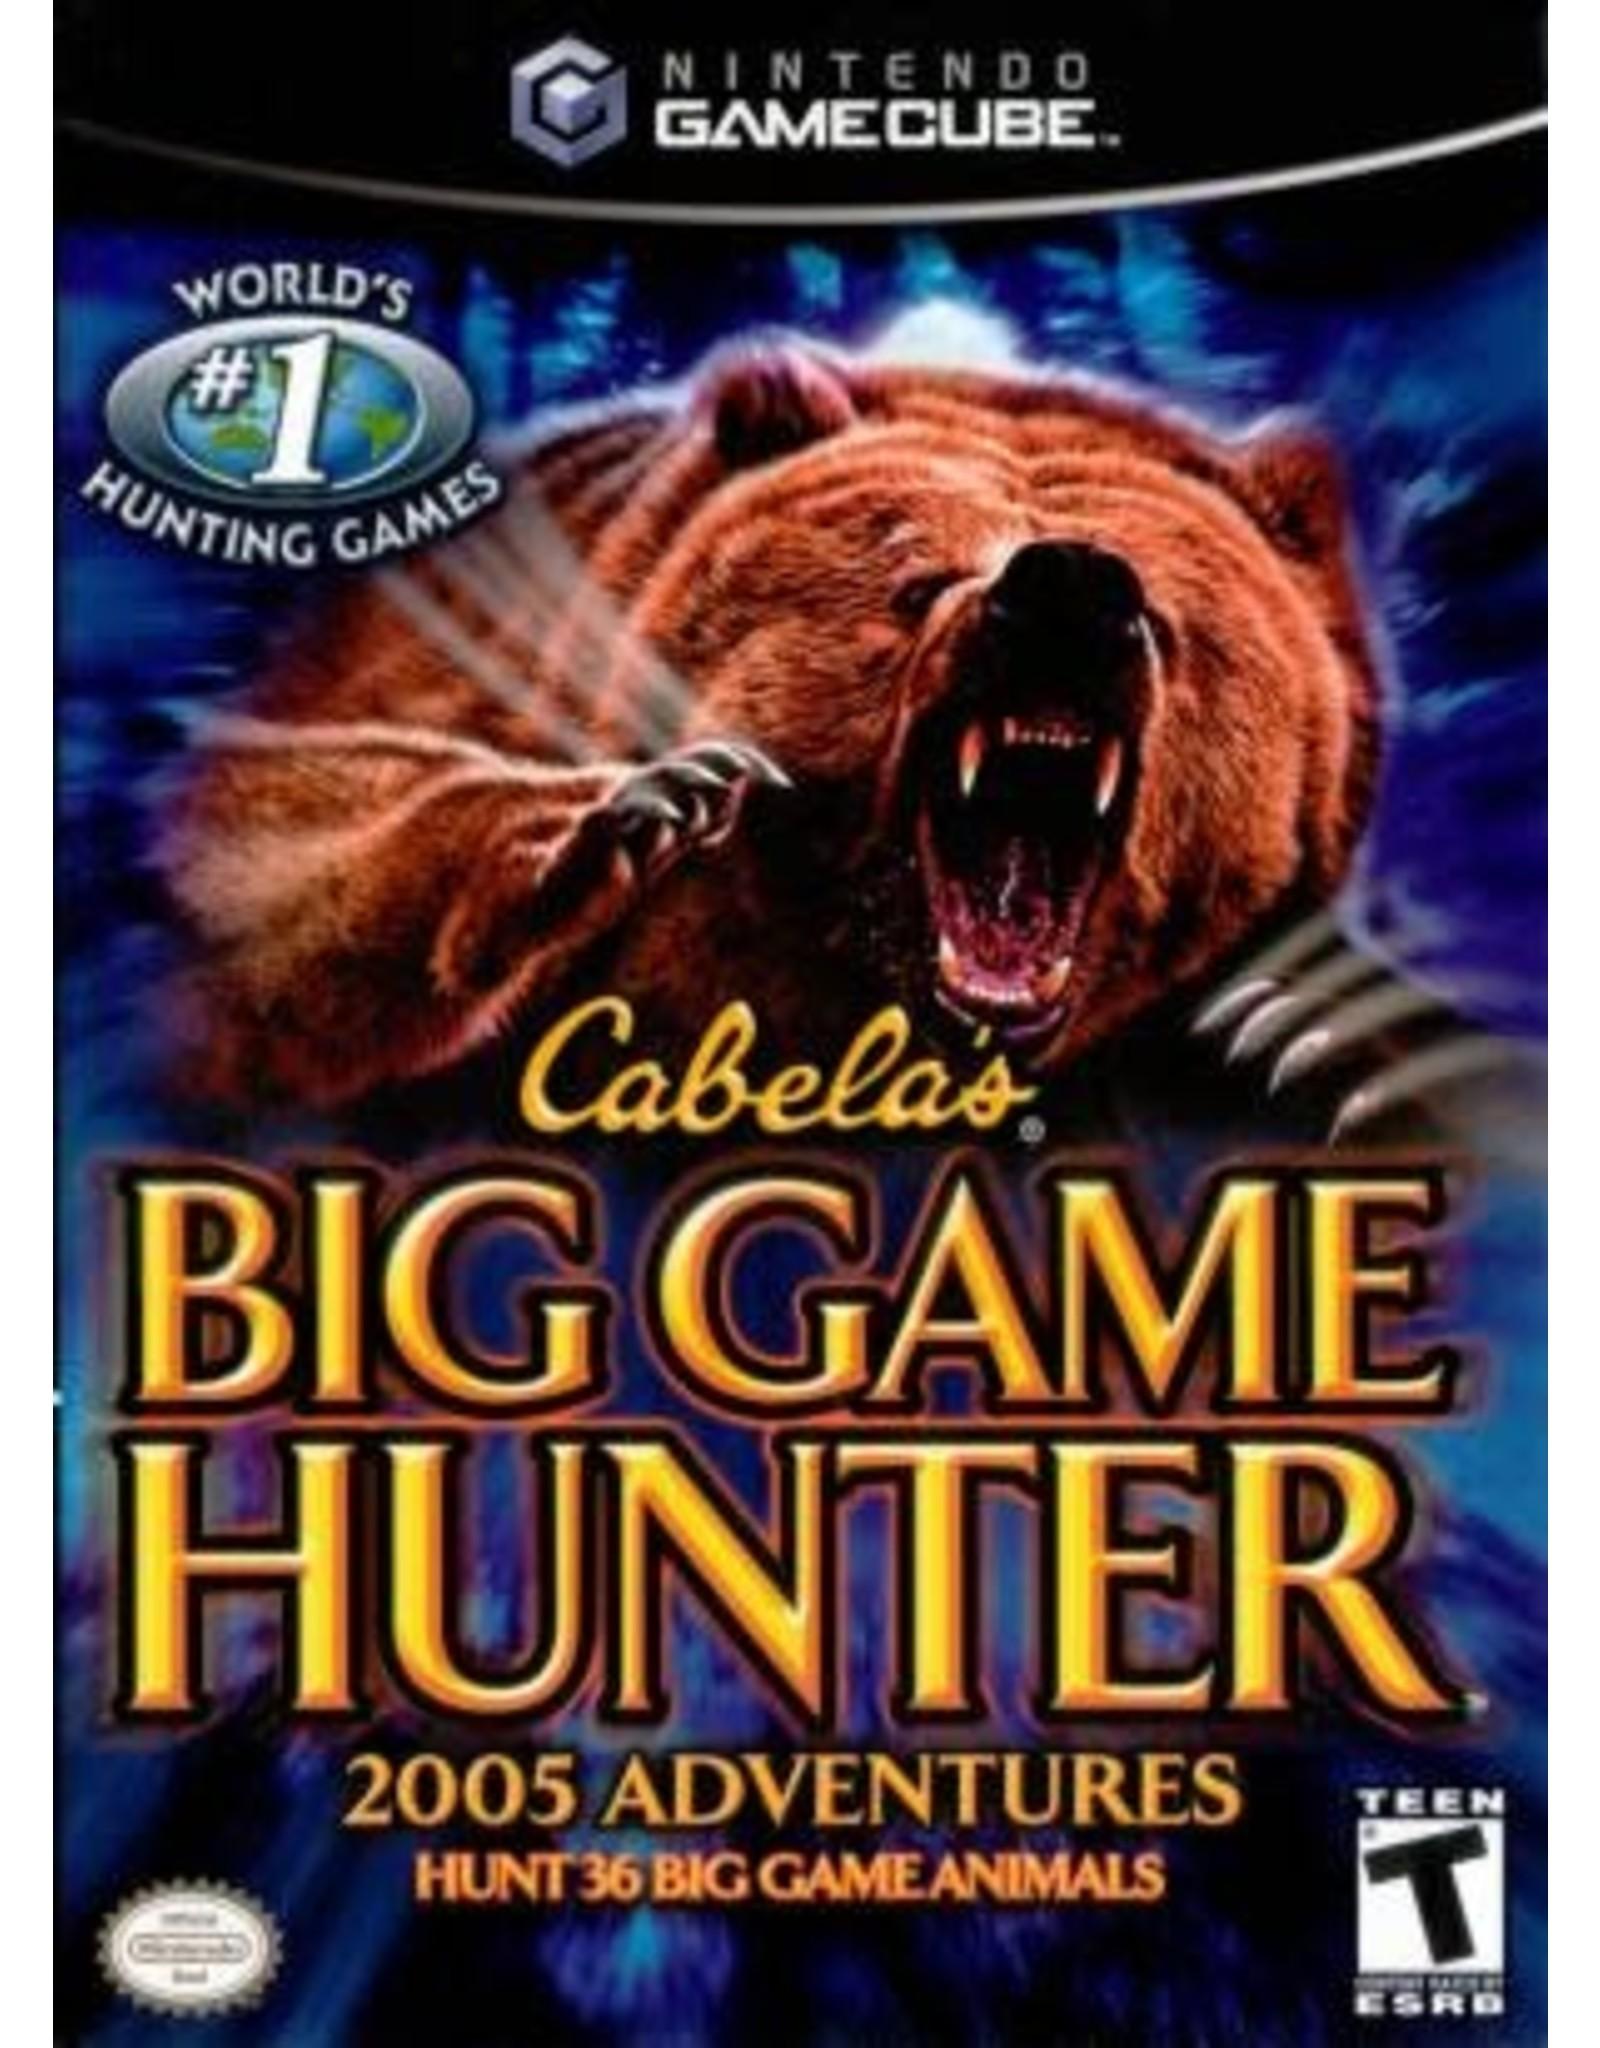 Gamecube Cabela's Big Game Hunter 2005 Adventures